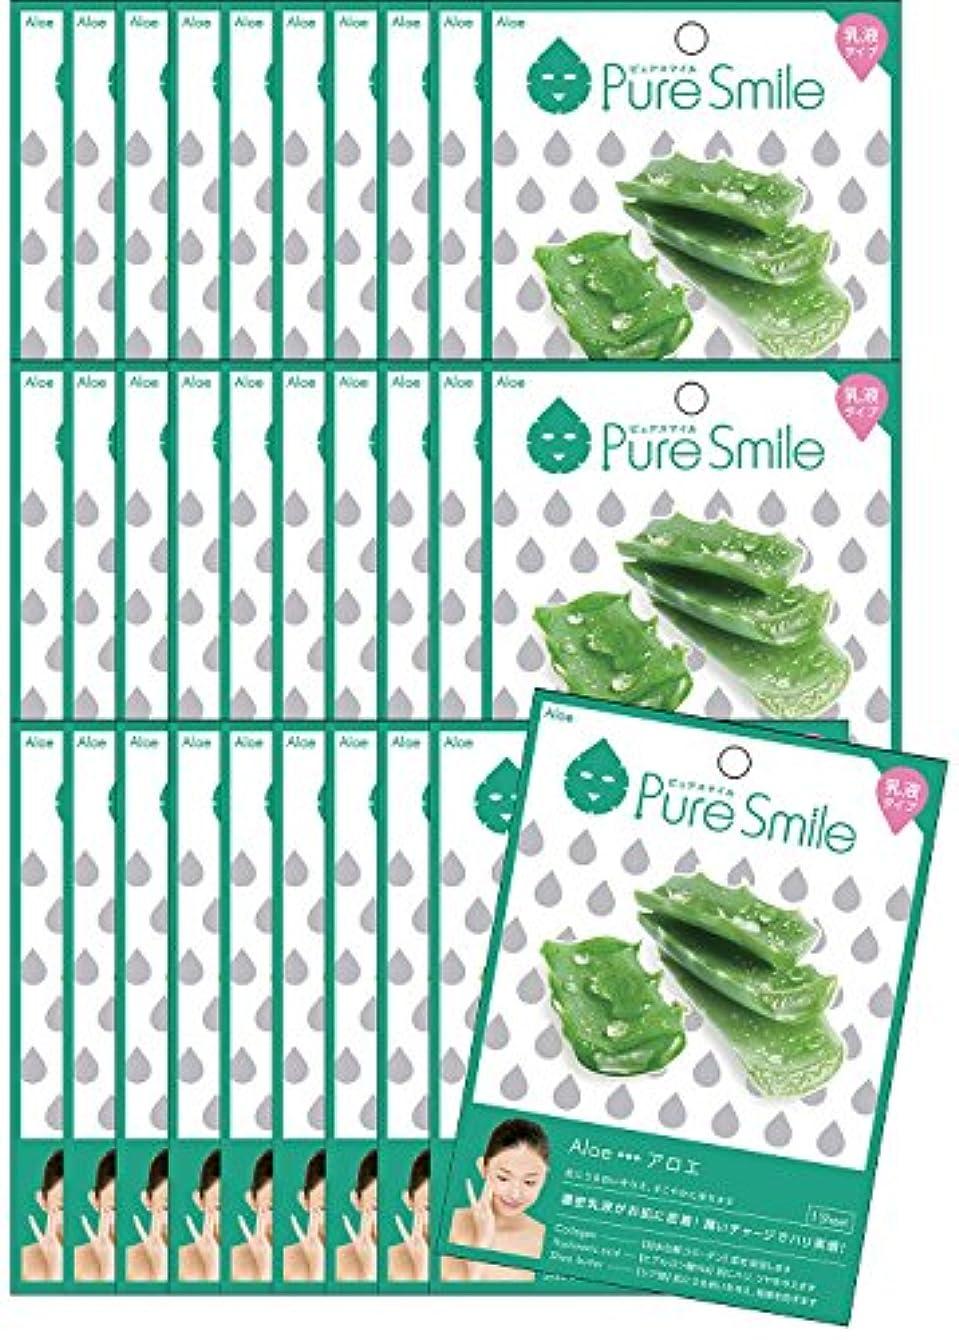 緑驚かす寄託ピュアスマイル 『乳液エッセンスマスク アロエ』30枚セット